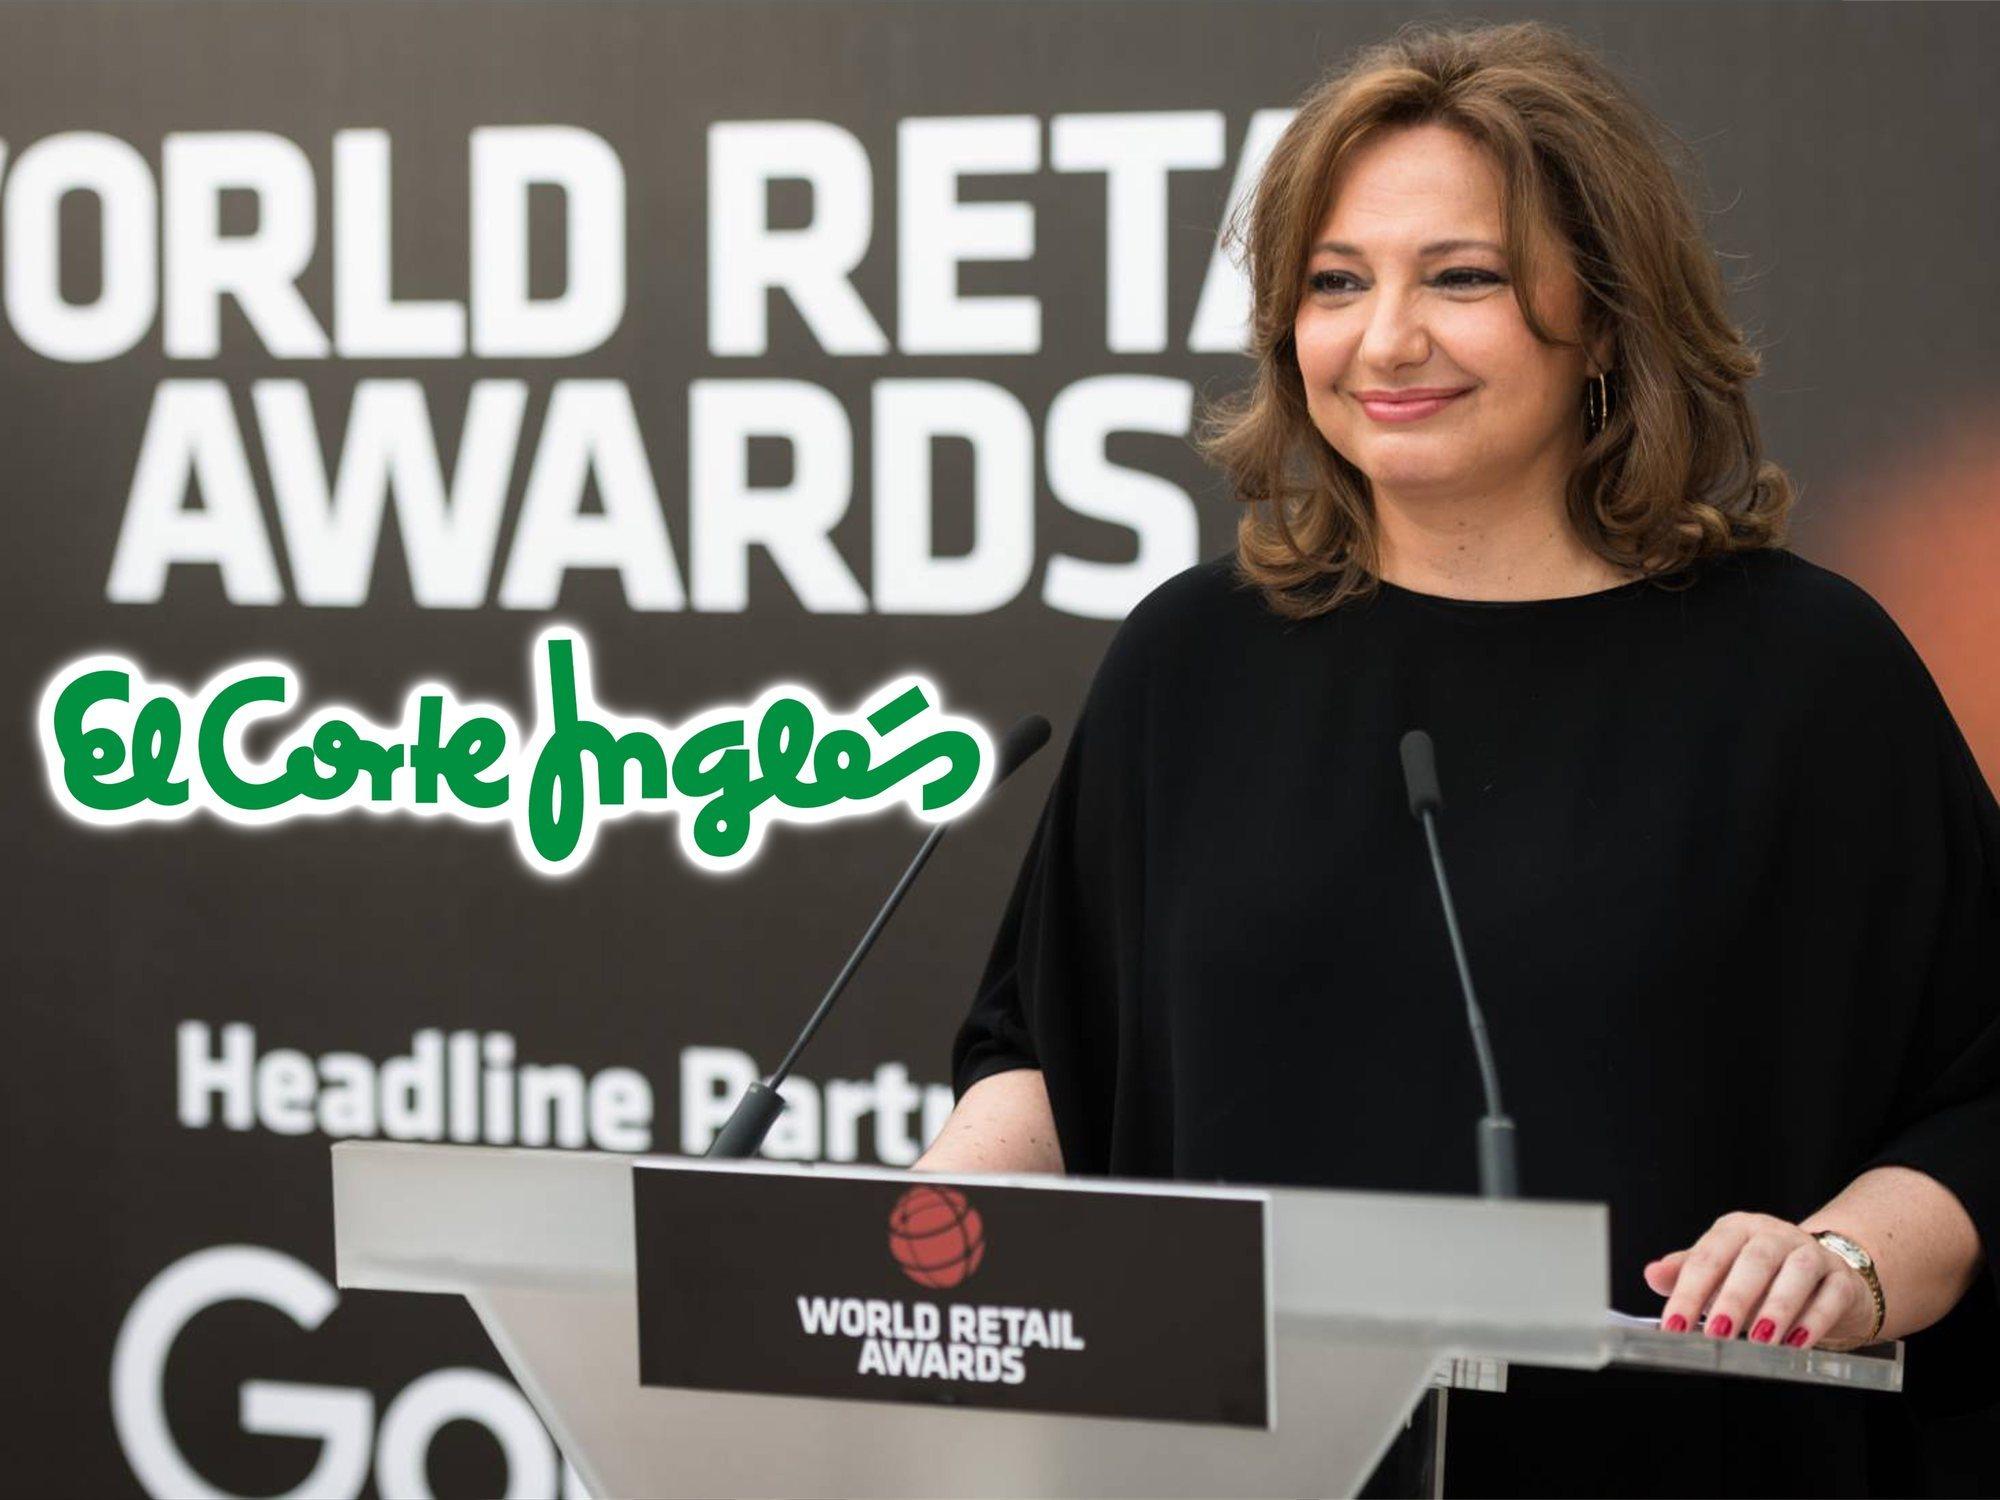 El Corte Inglés se prepara para nombrar presidenta a Marta Álvarez